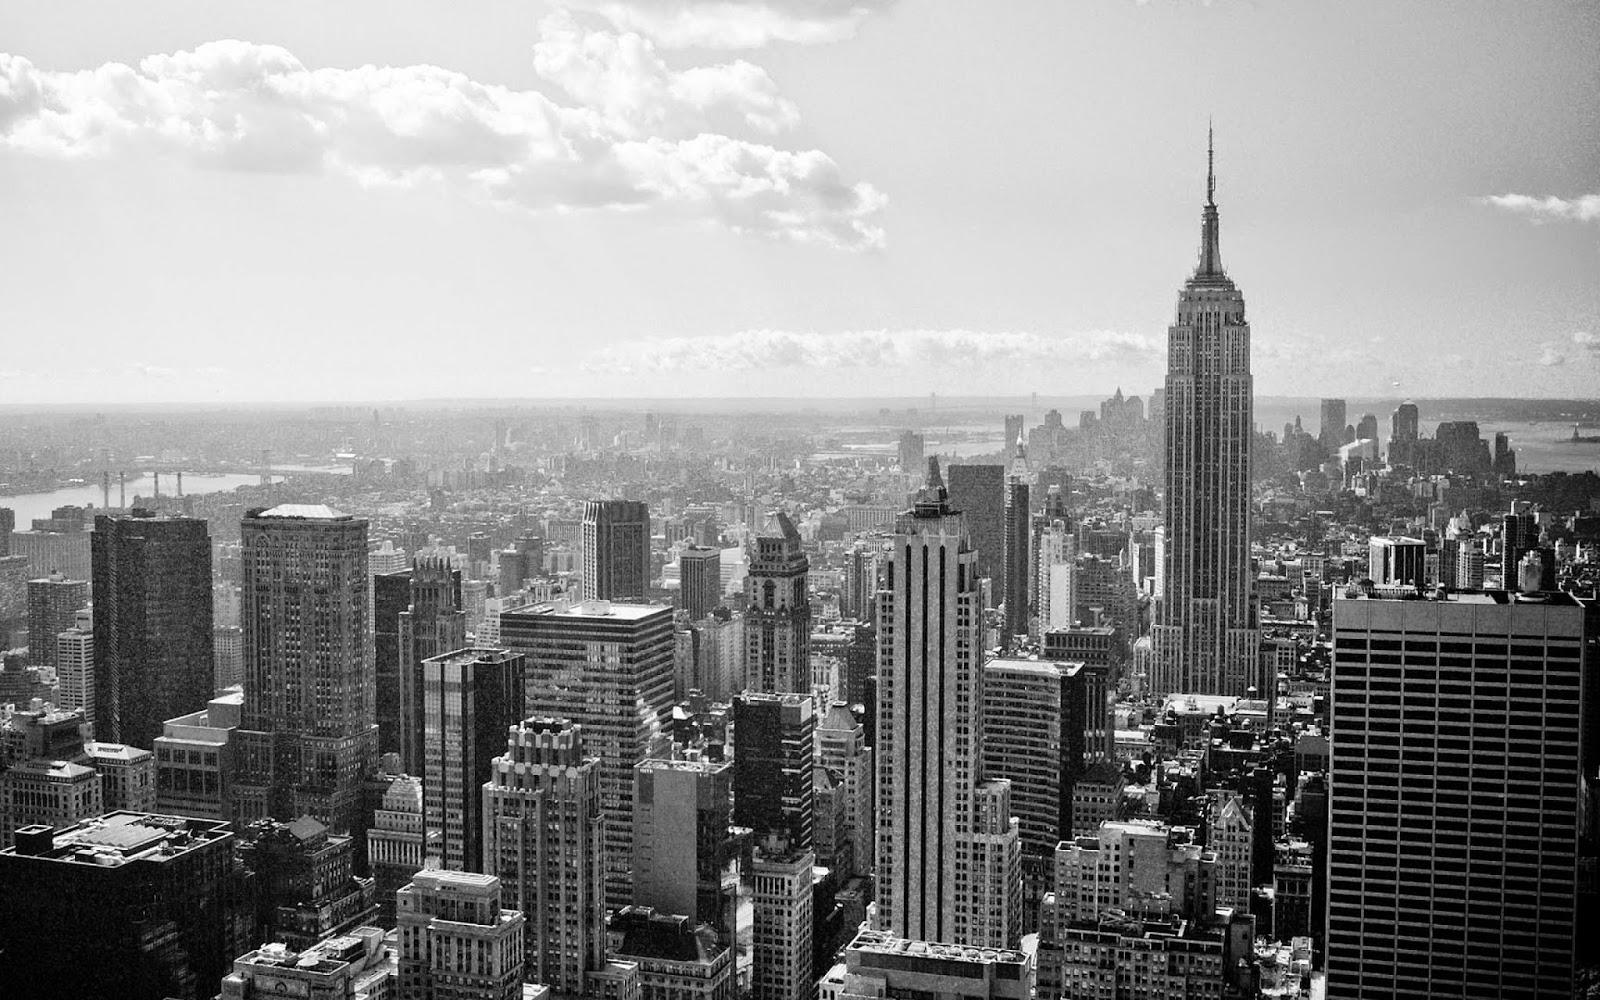 amerique statue de la liberté musique ville cité métropole noir et gris photo image